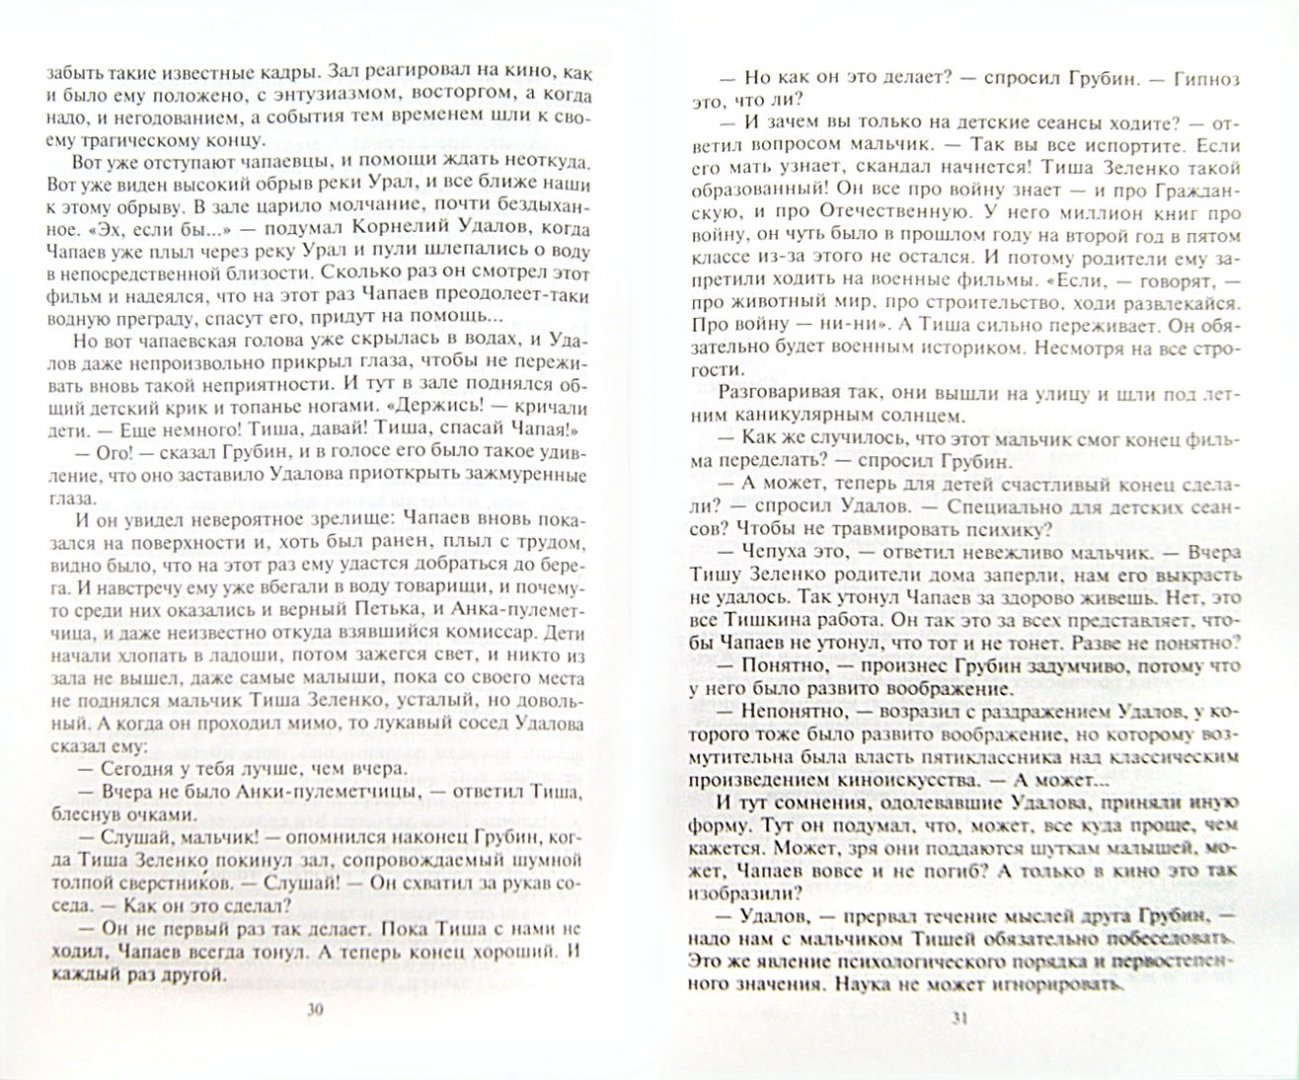 Иллюстрация 1 из 18 для Марсианское зелье - Кир Булычев | Лабиринт - книги. Источник: Лабиринт